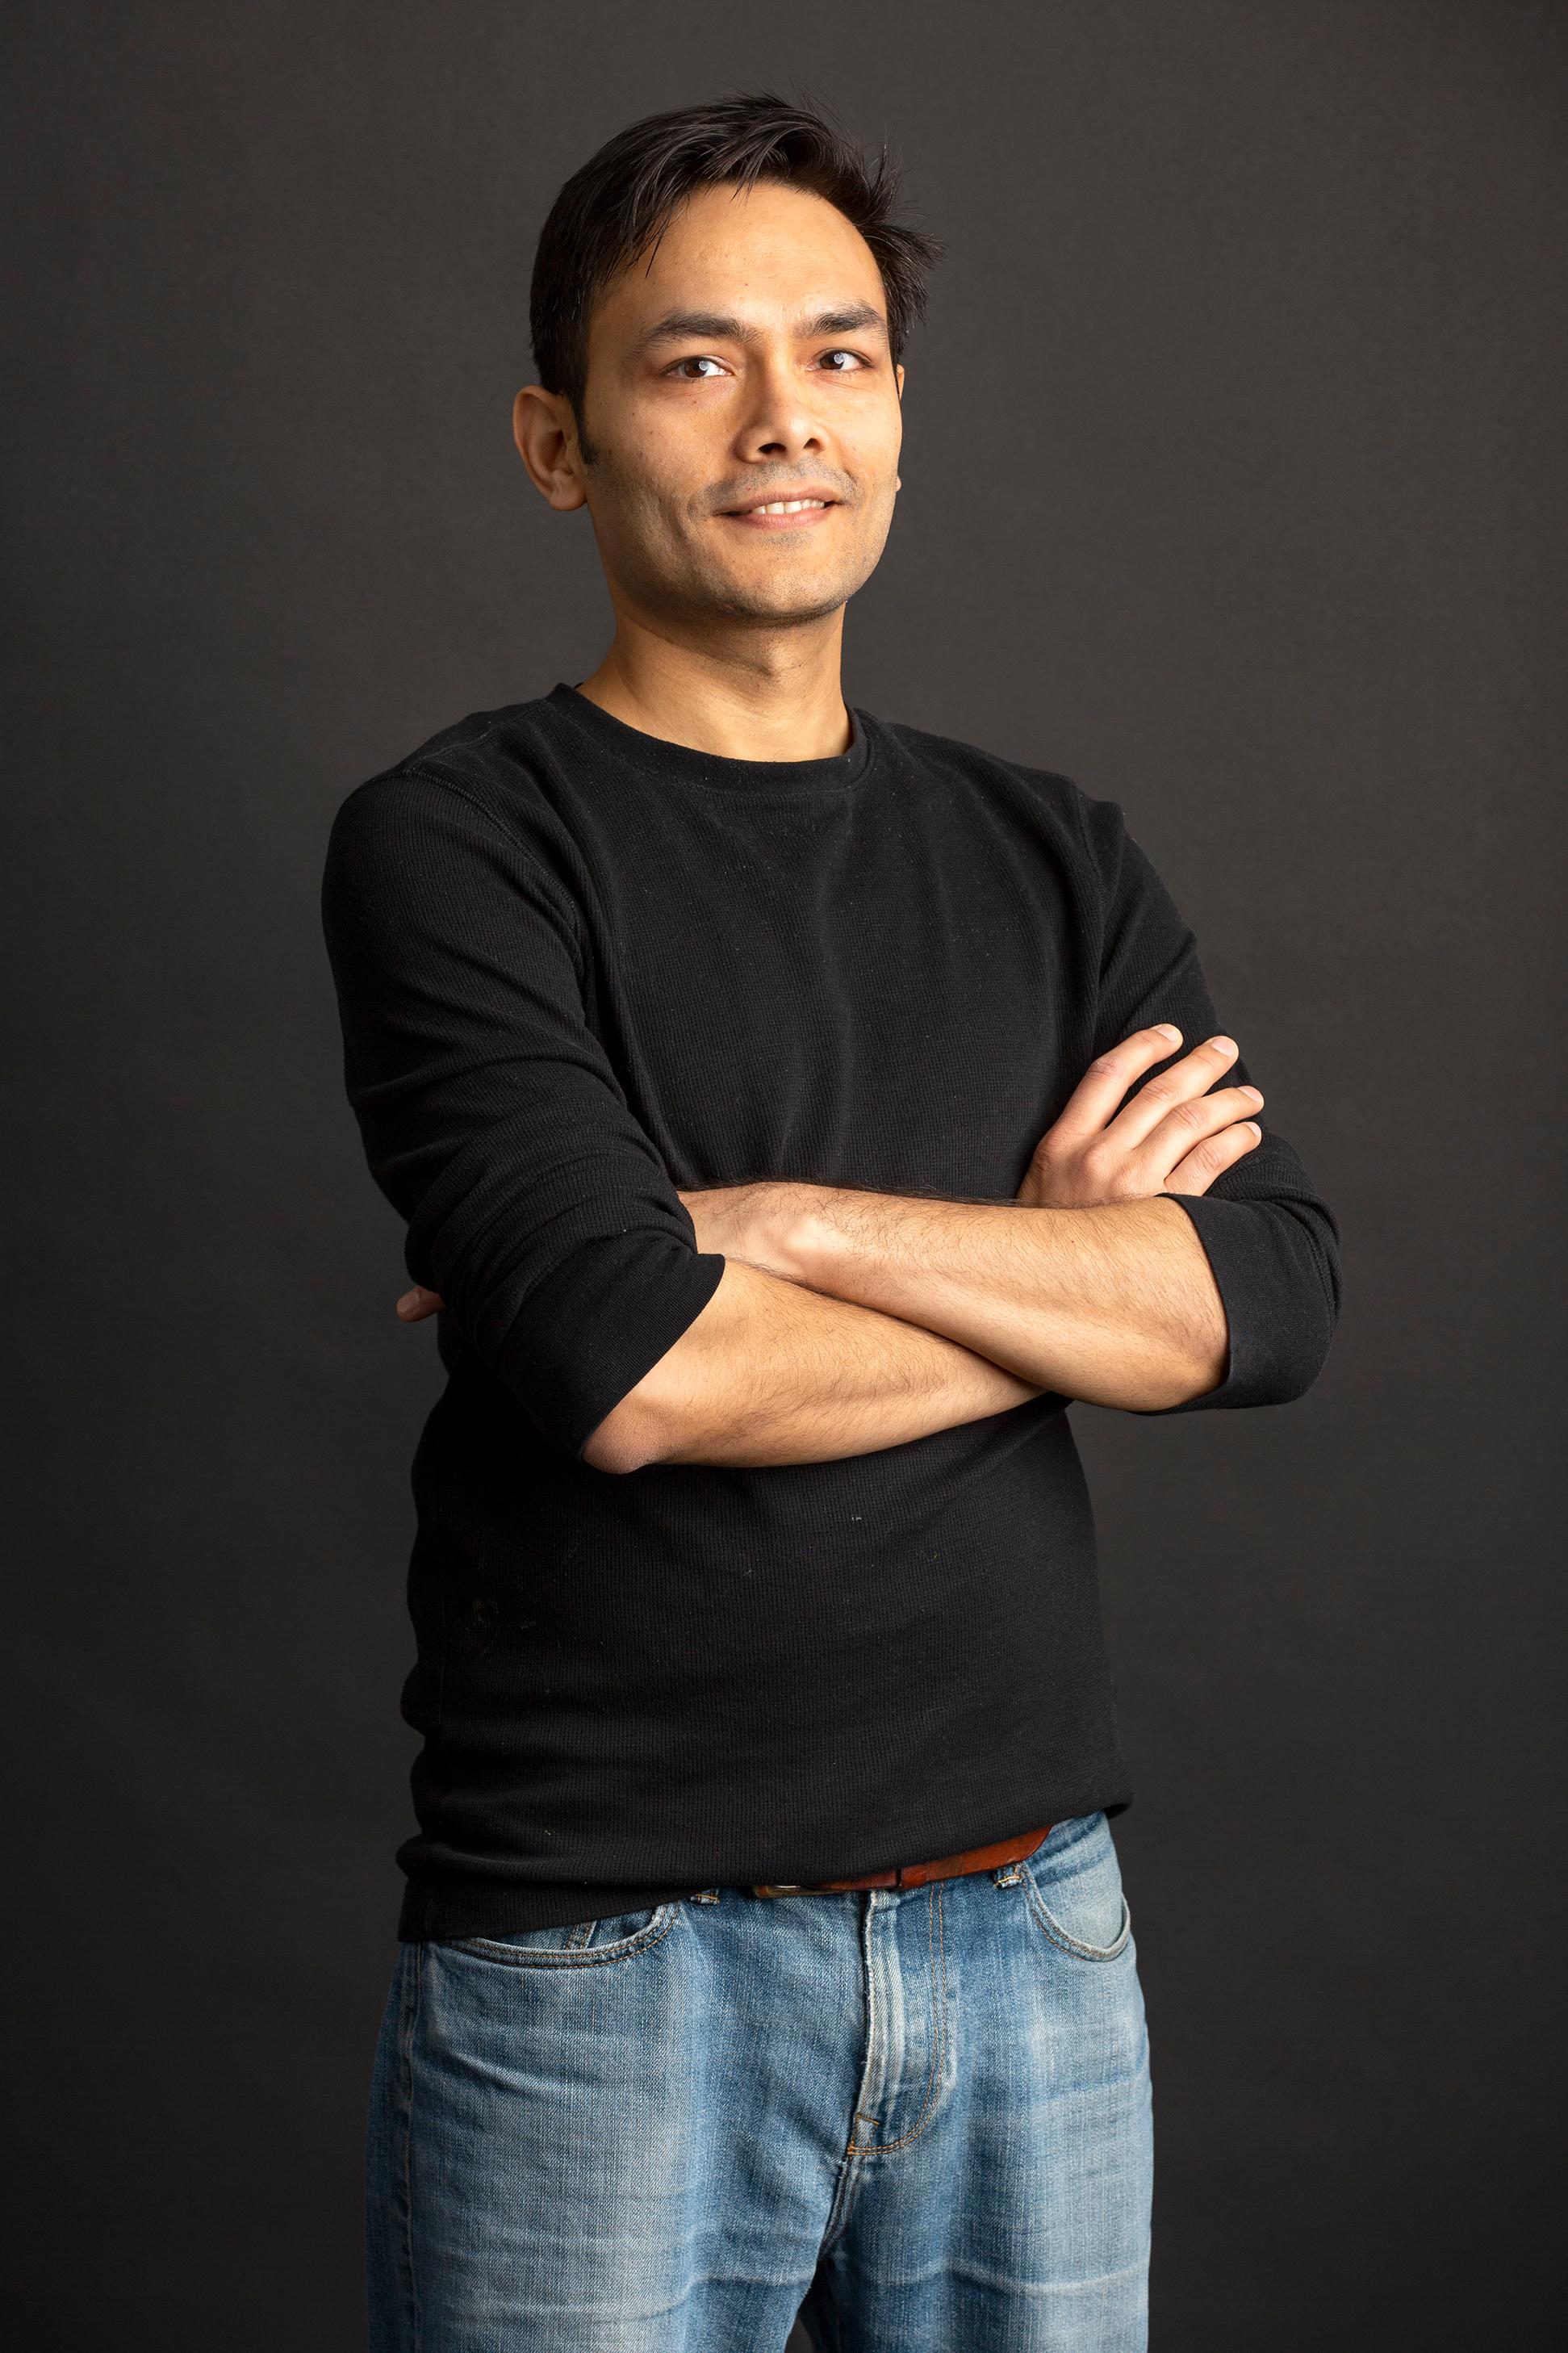 Veerbhan Kheterpal